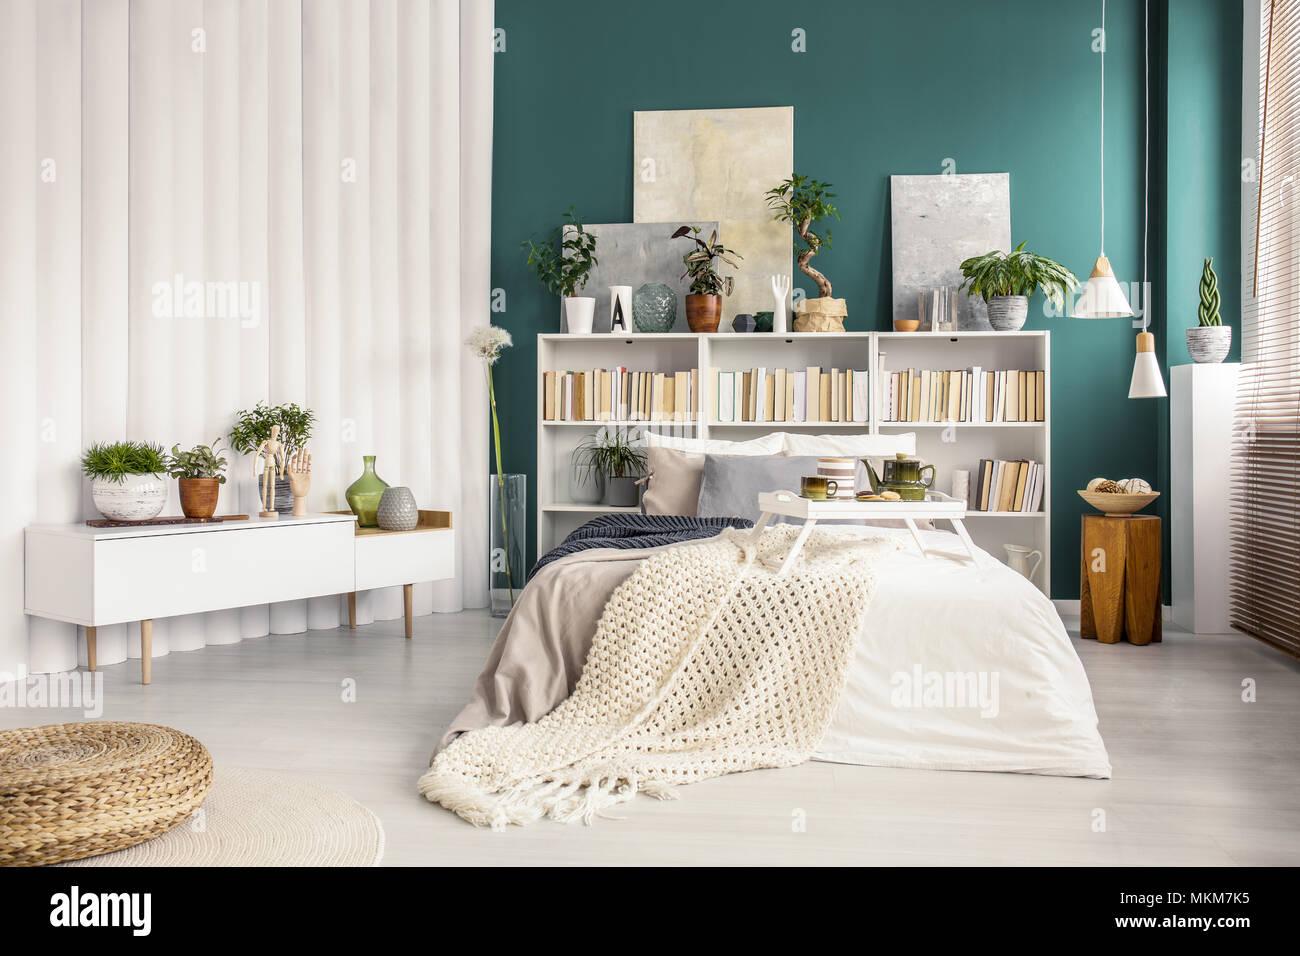 Bibliothek Mit Gemalde Hinter Bett Mit Decke In Grun Schlafzimmer